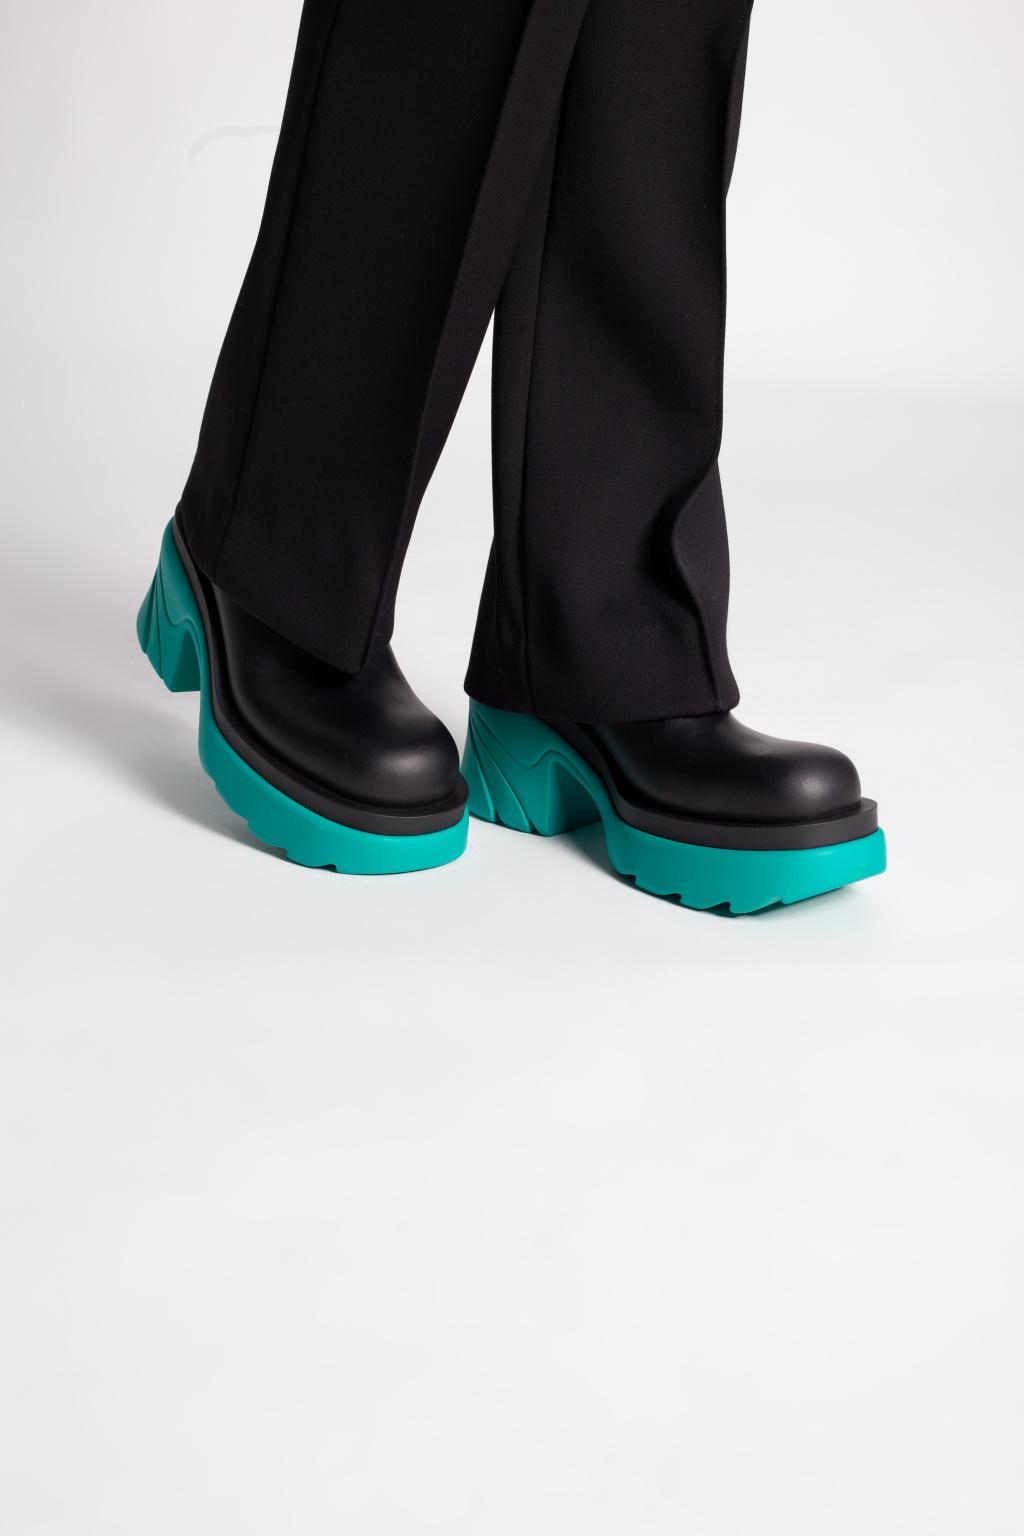 Bottega Veneta Flash厚底拖鞋